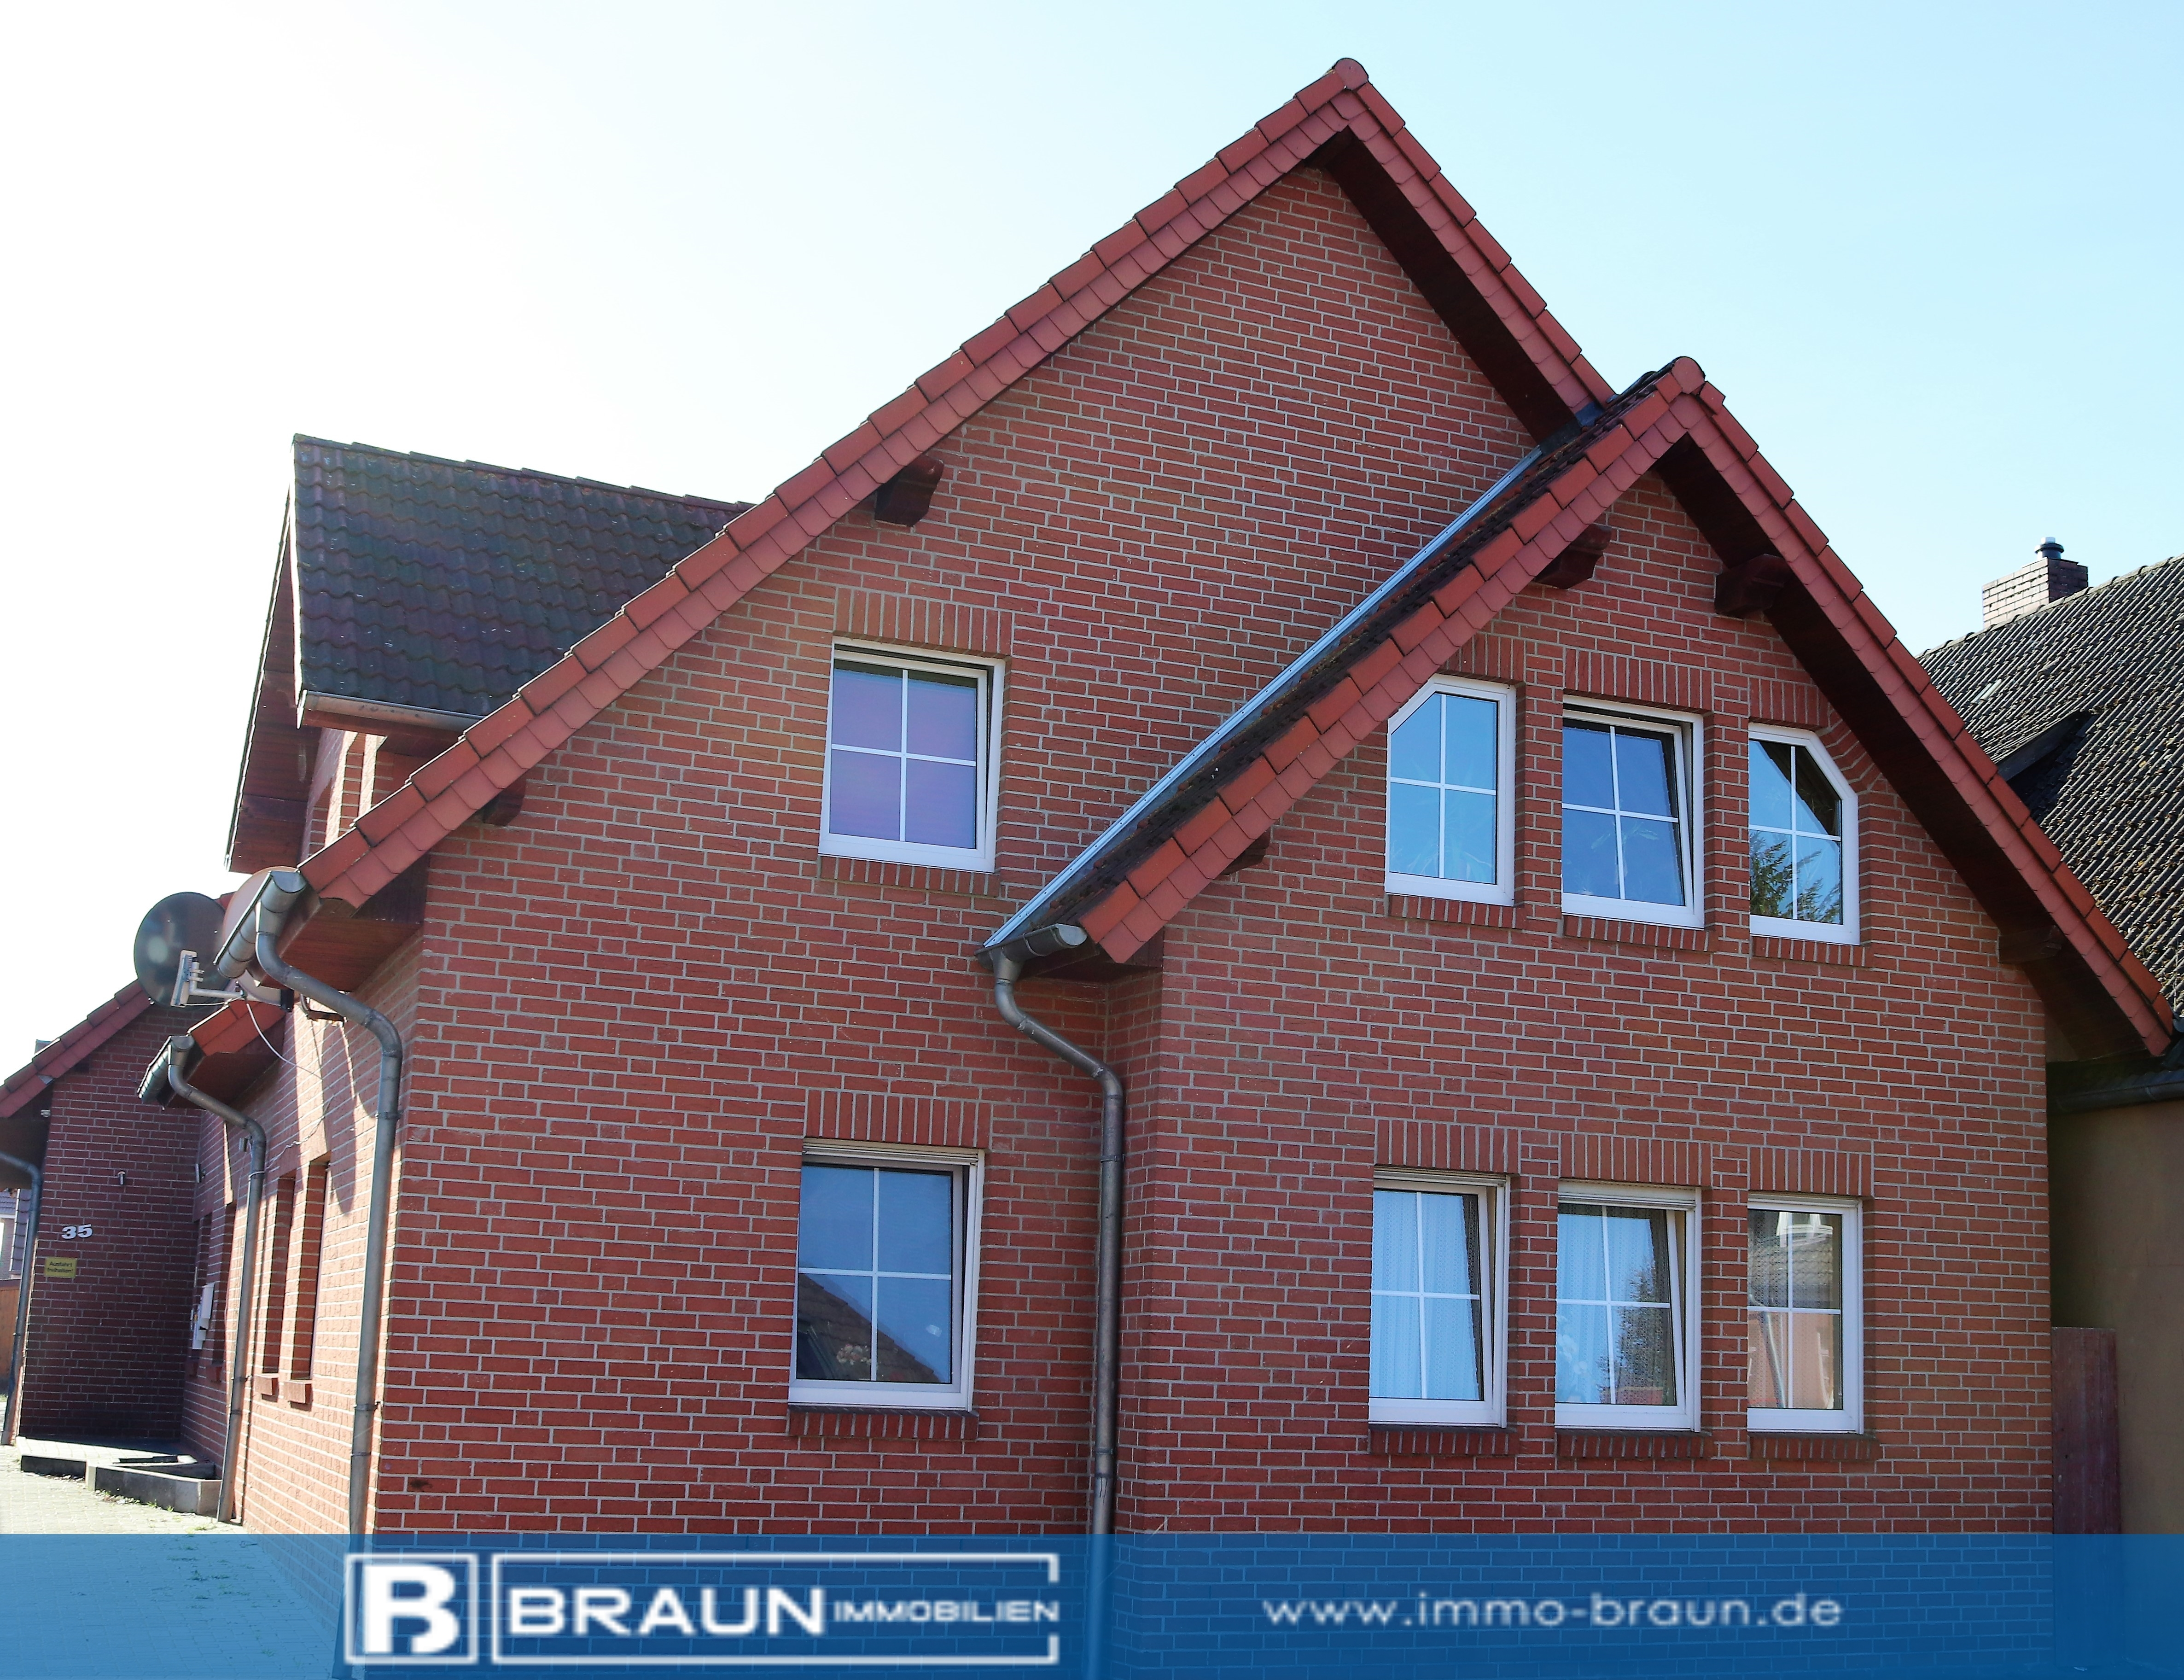 Braun immobilien ihr immobilienmakler f r vermietung und for Immobilienmakler vermietung